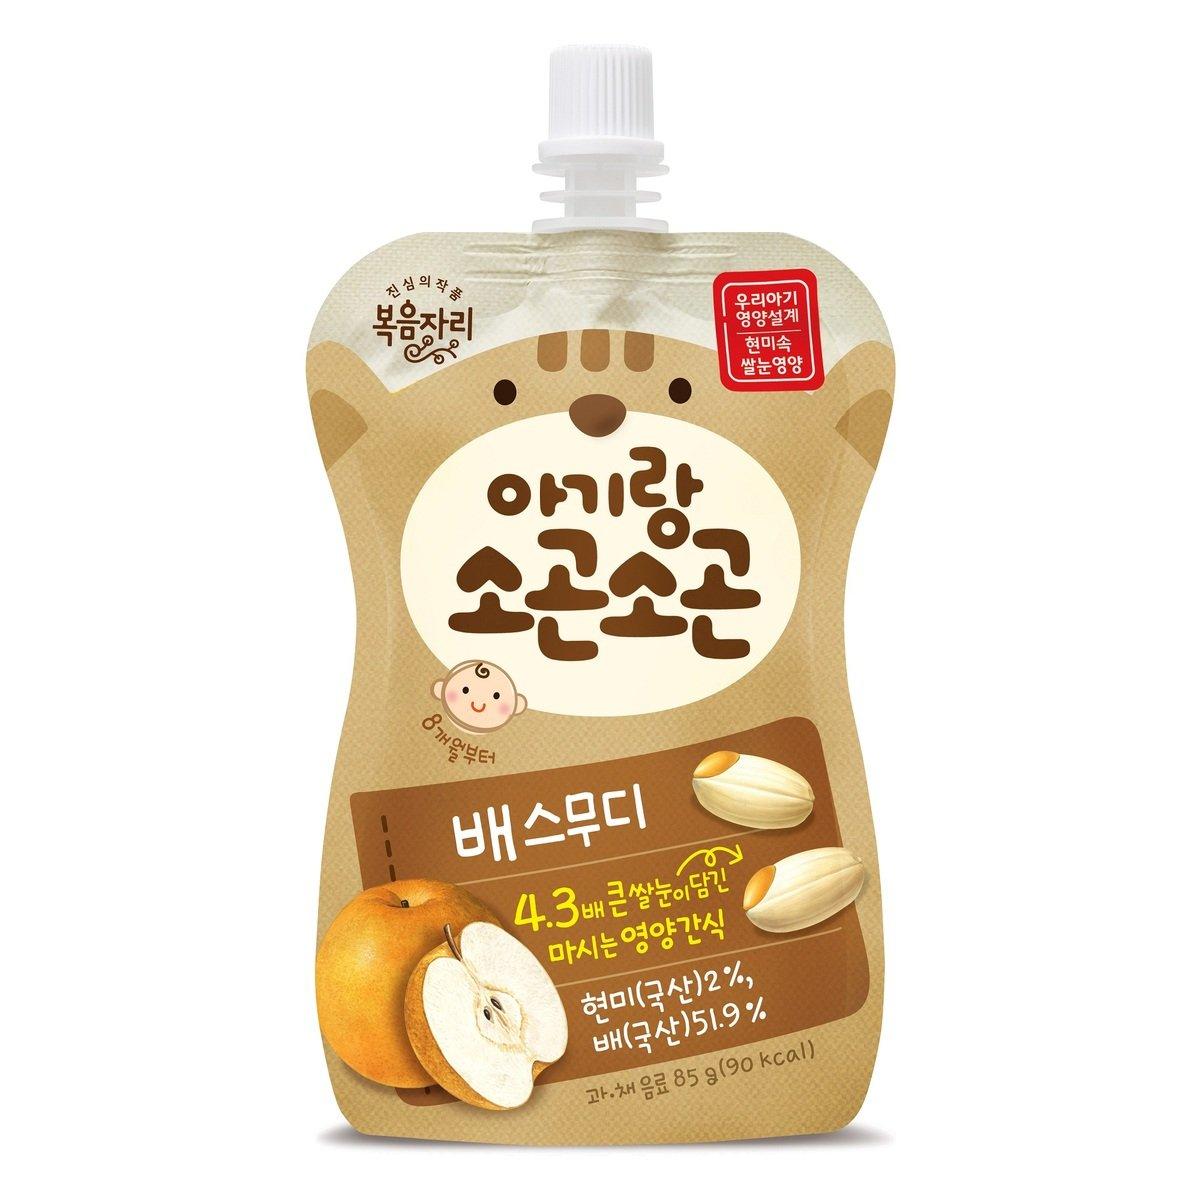 韓國有機胚芽糙米新高梨唧唧果茸 (85克)